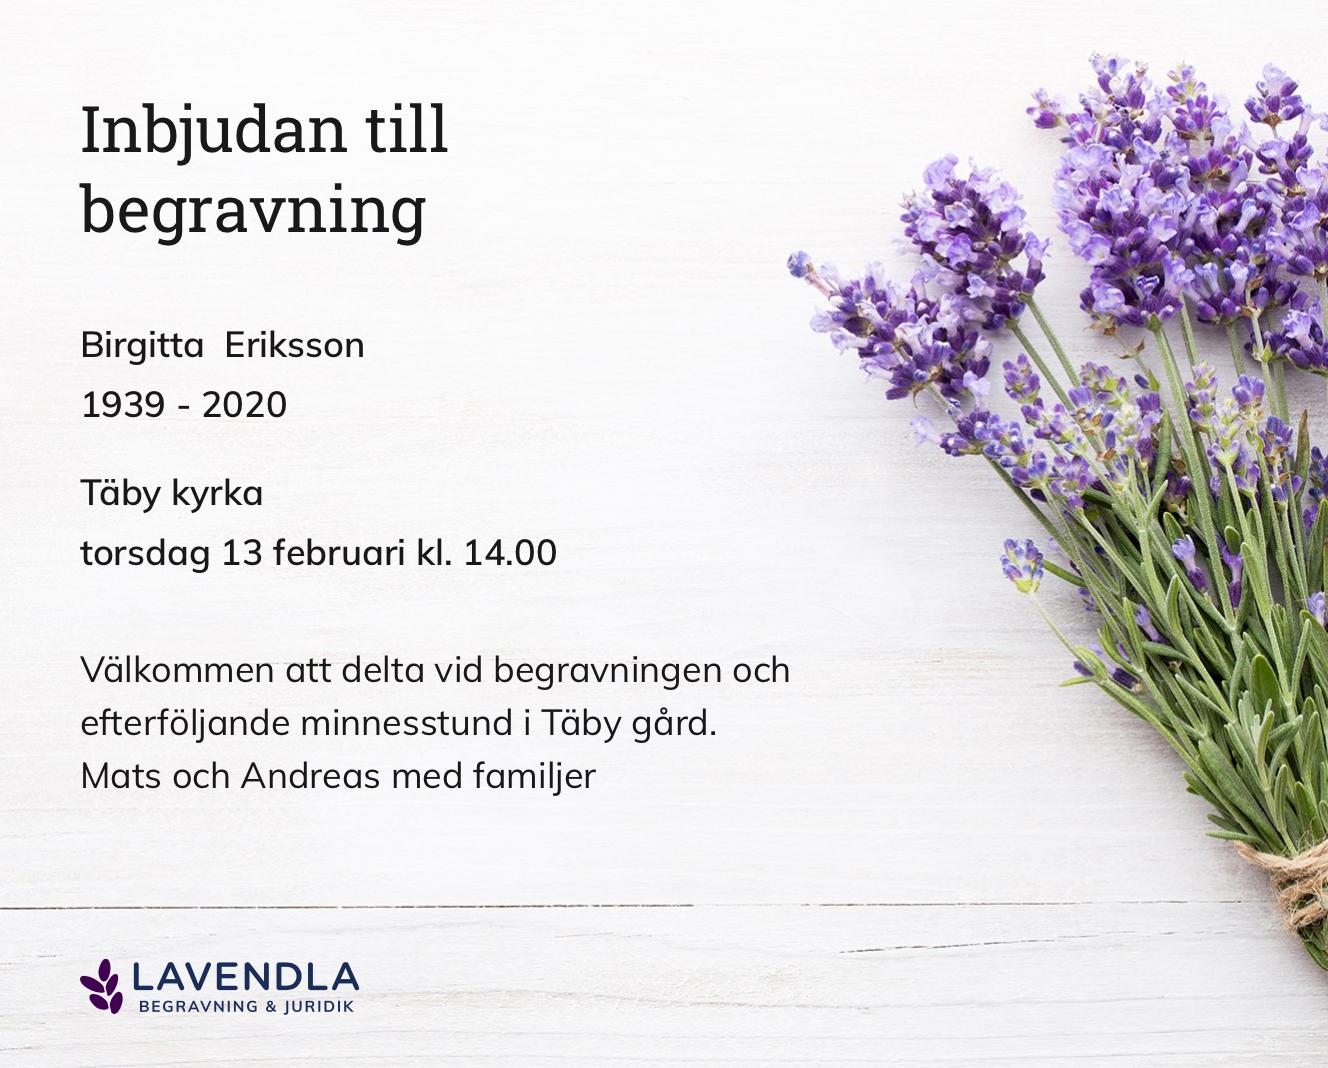 Inbjudningskort till ceremonin för Birgitta Eriksson